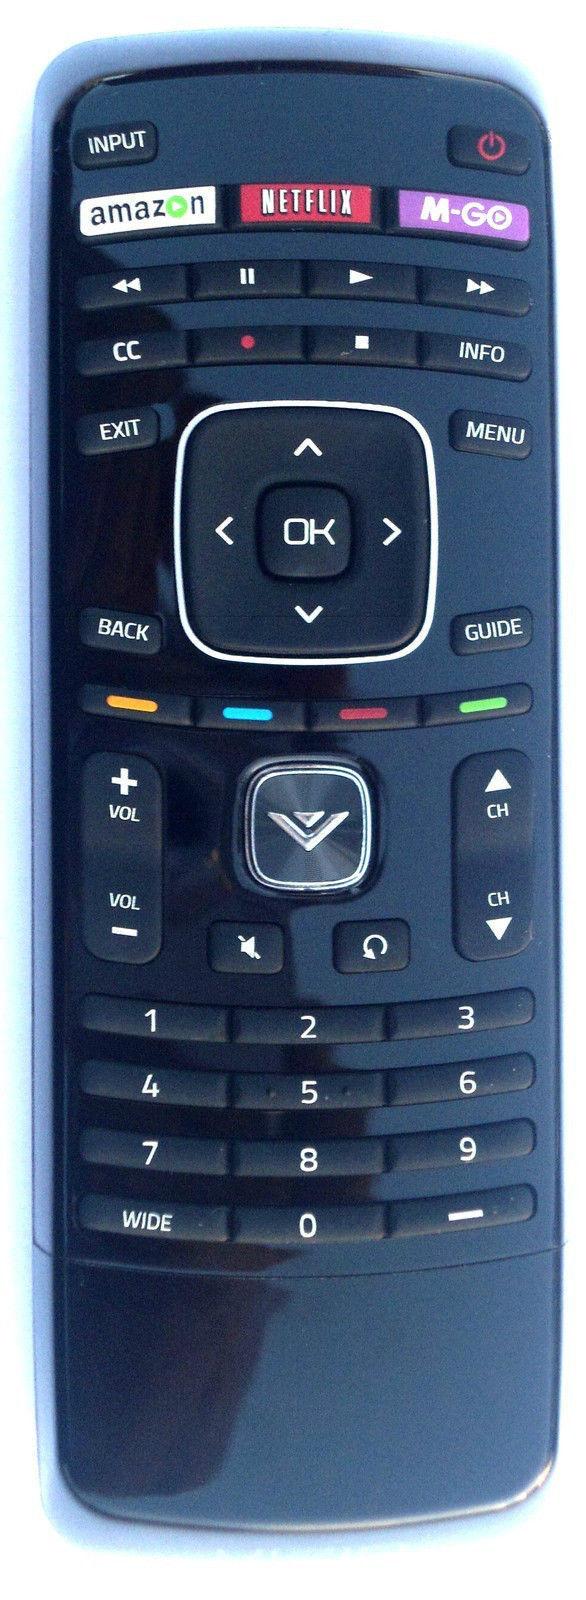 NEW Universal Remote XRV4TV for almost all Vizio brand LCD a